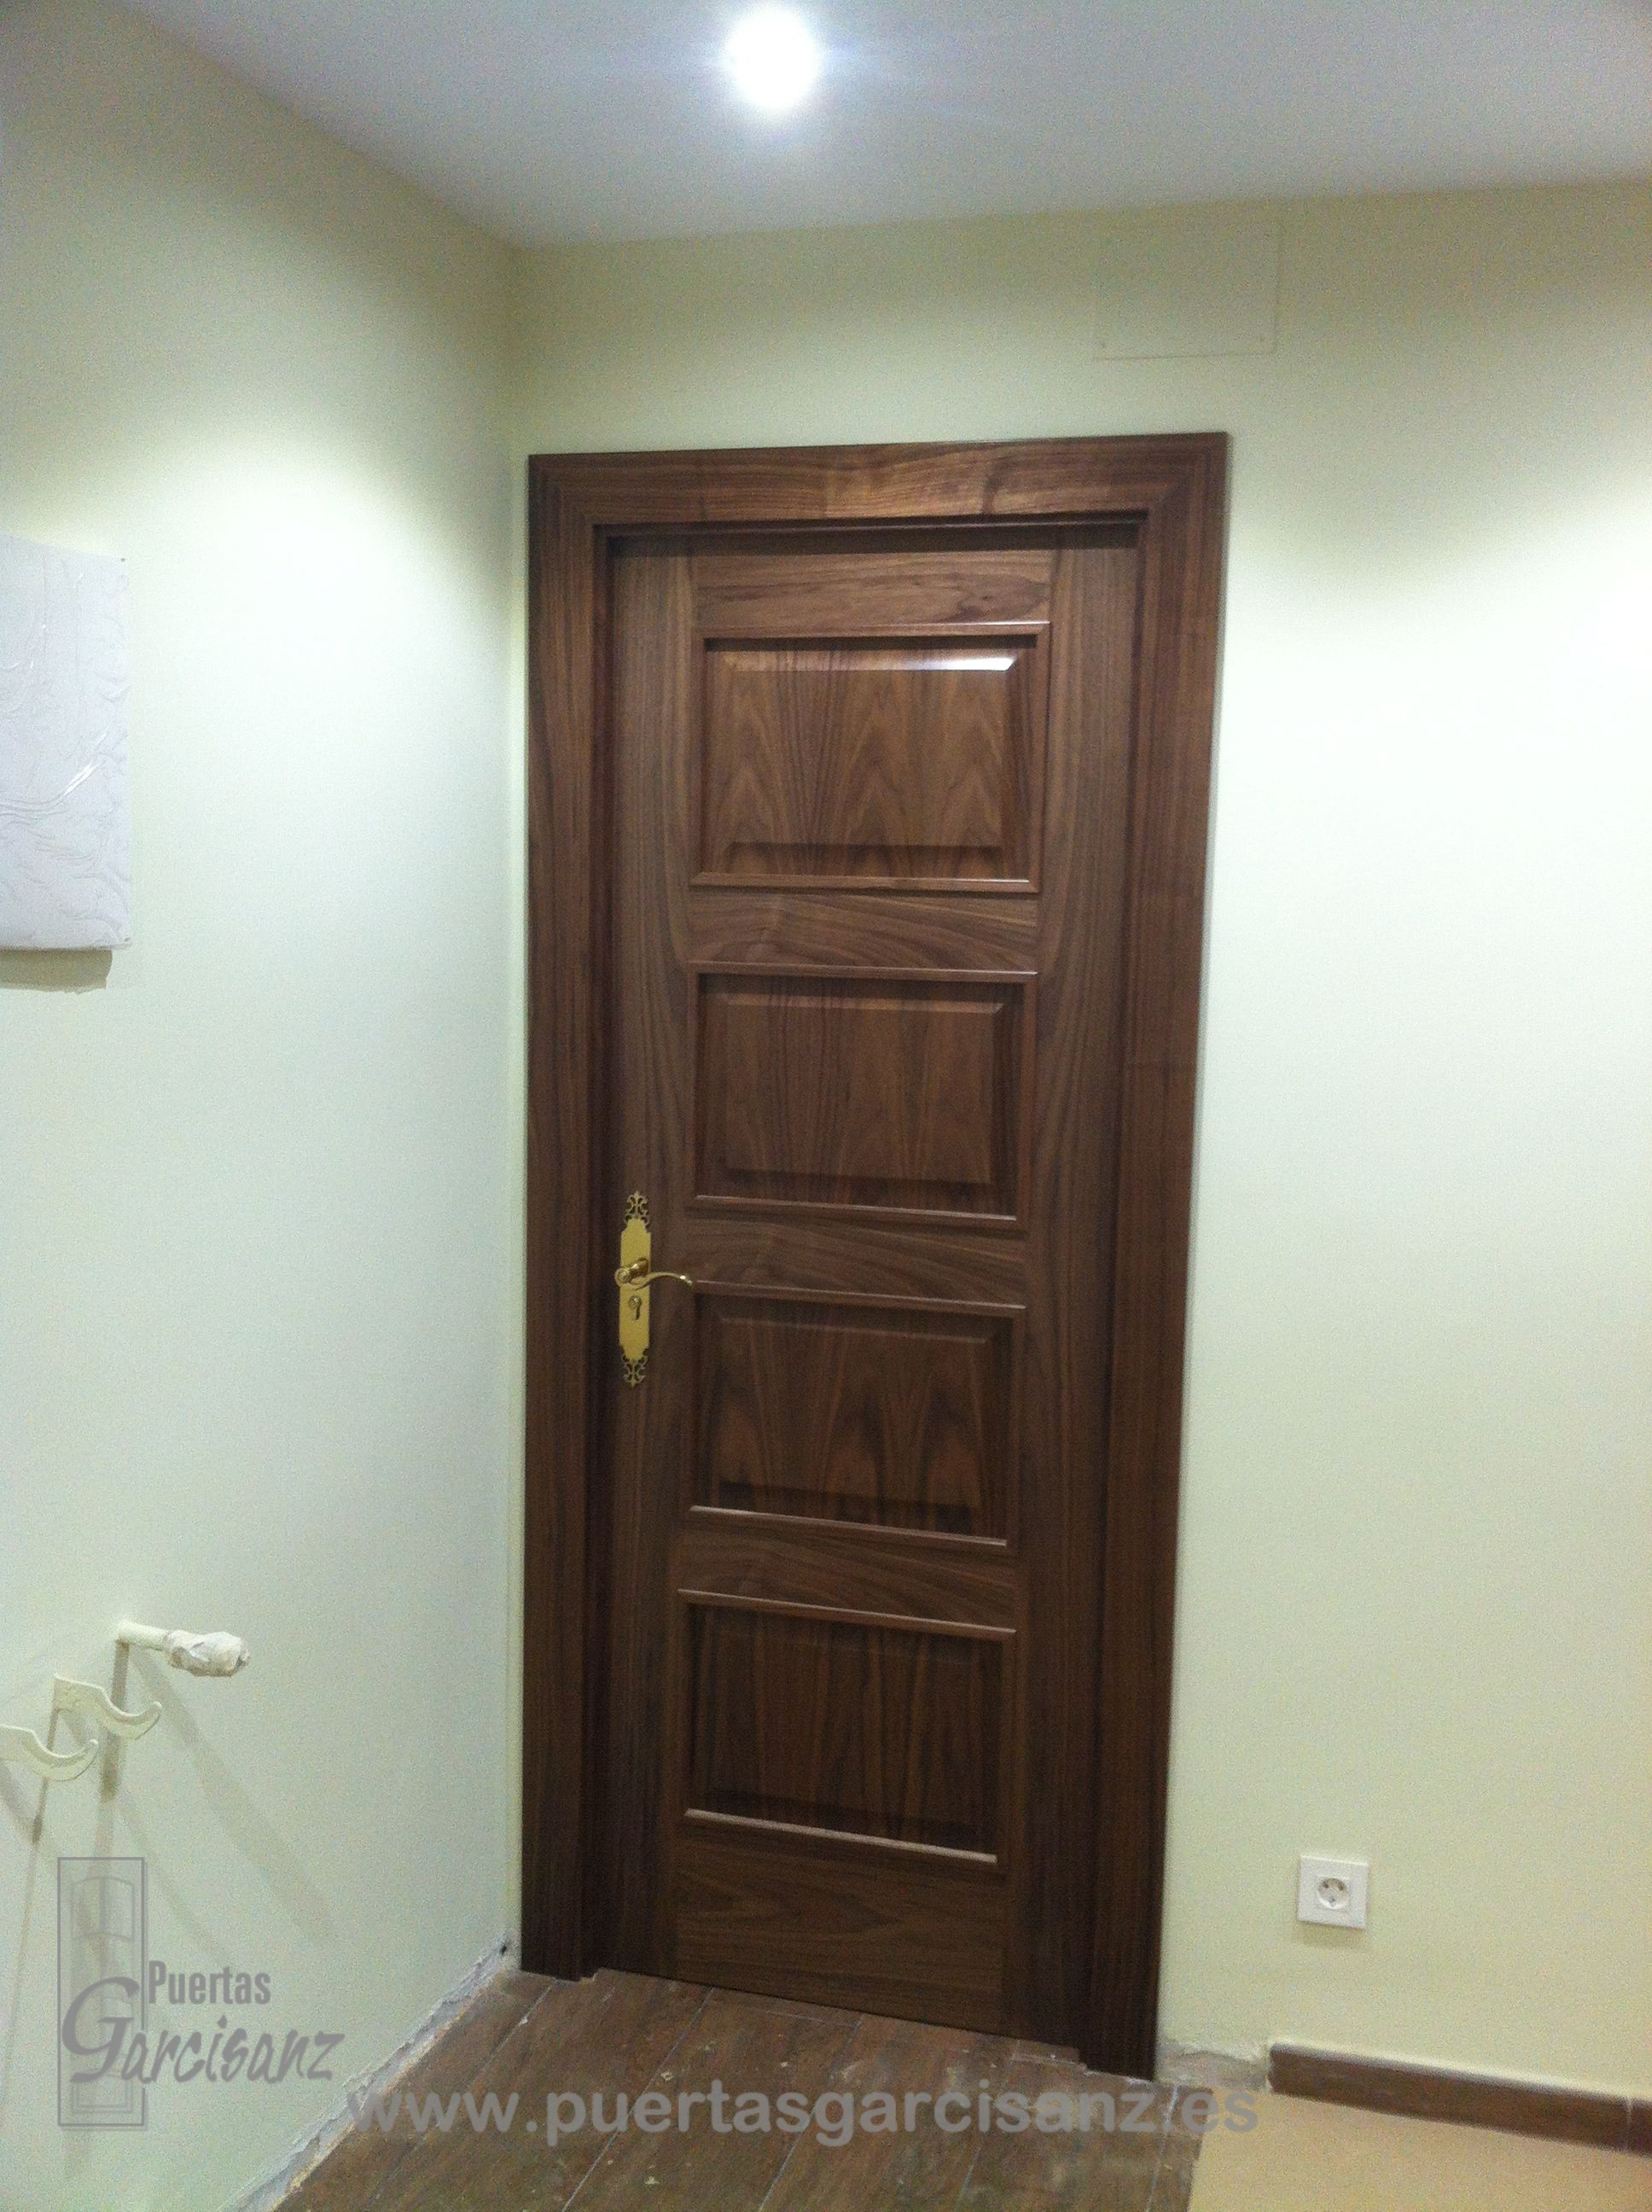 Puerta de interior mod 4200 en chapa de nogal puertas for Puertas de madera interiores